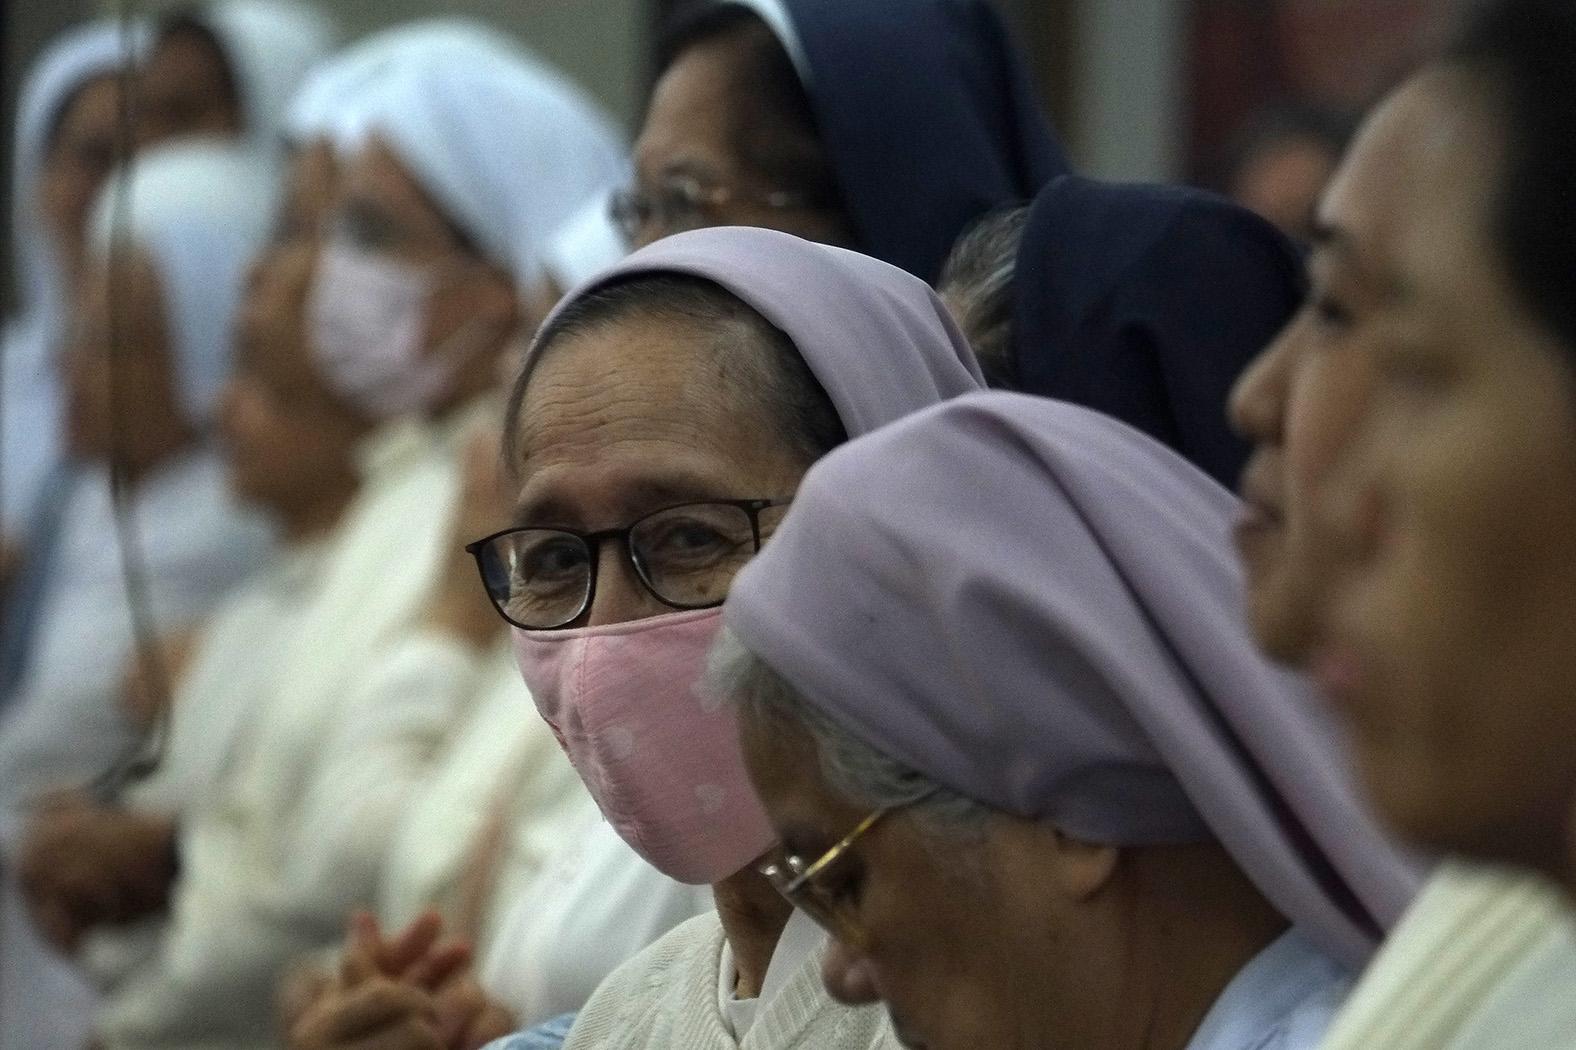 Giám mục Philippines: Sự an toàn cộng đồng là trên hết, không phải chính trị